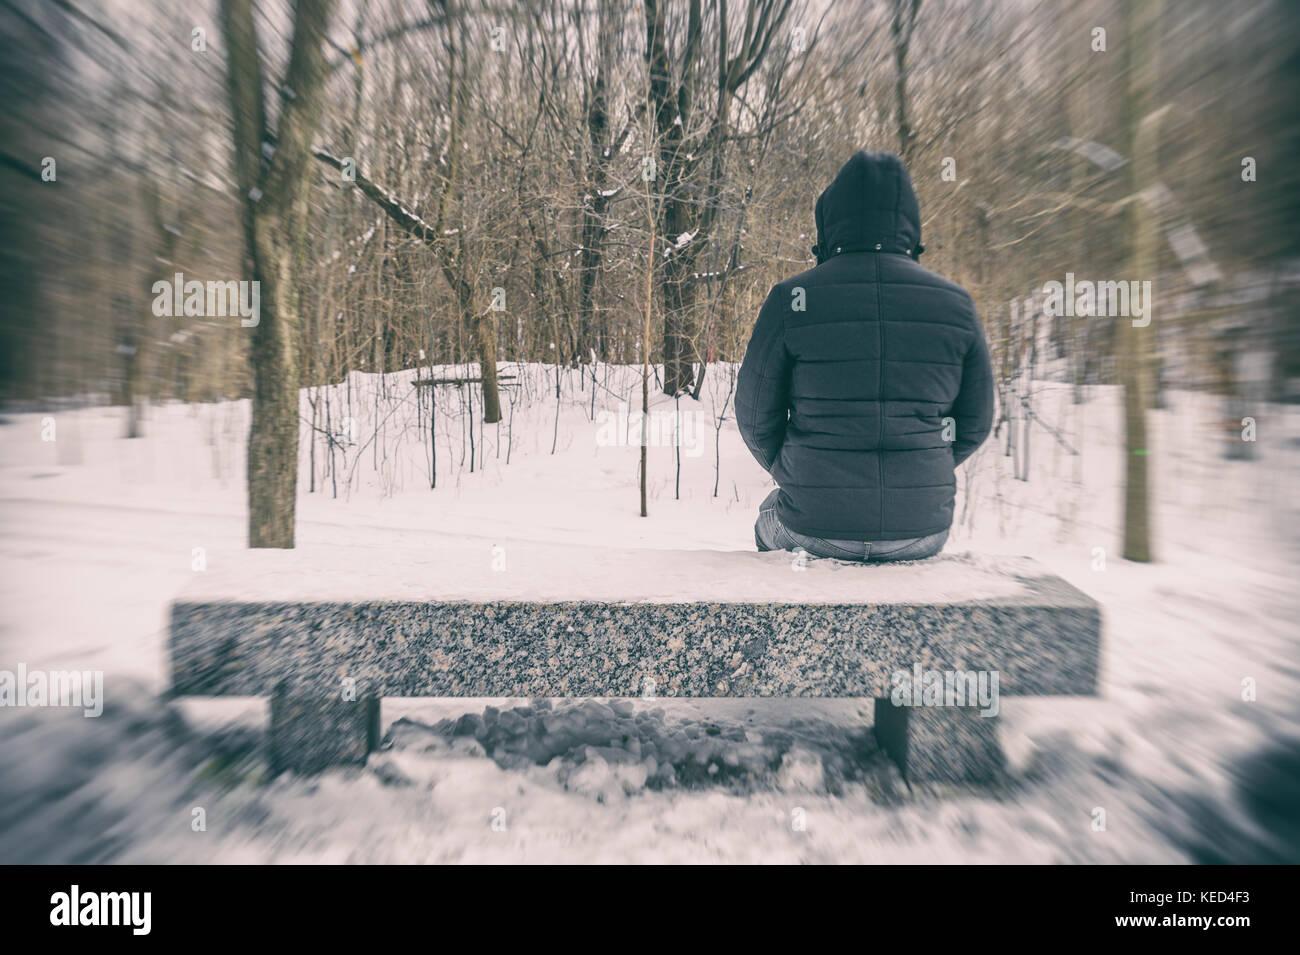 Homme assis sur un banc dans une forêt en hiver avec de la neige au sol Photo Stock